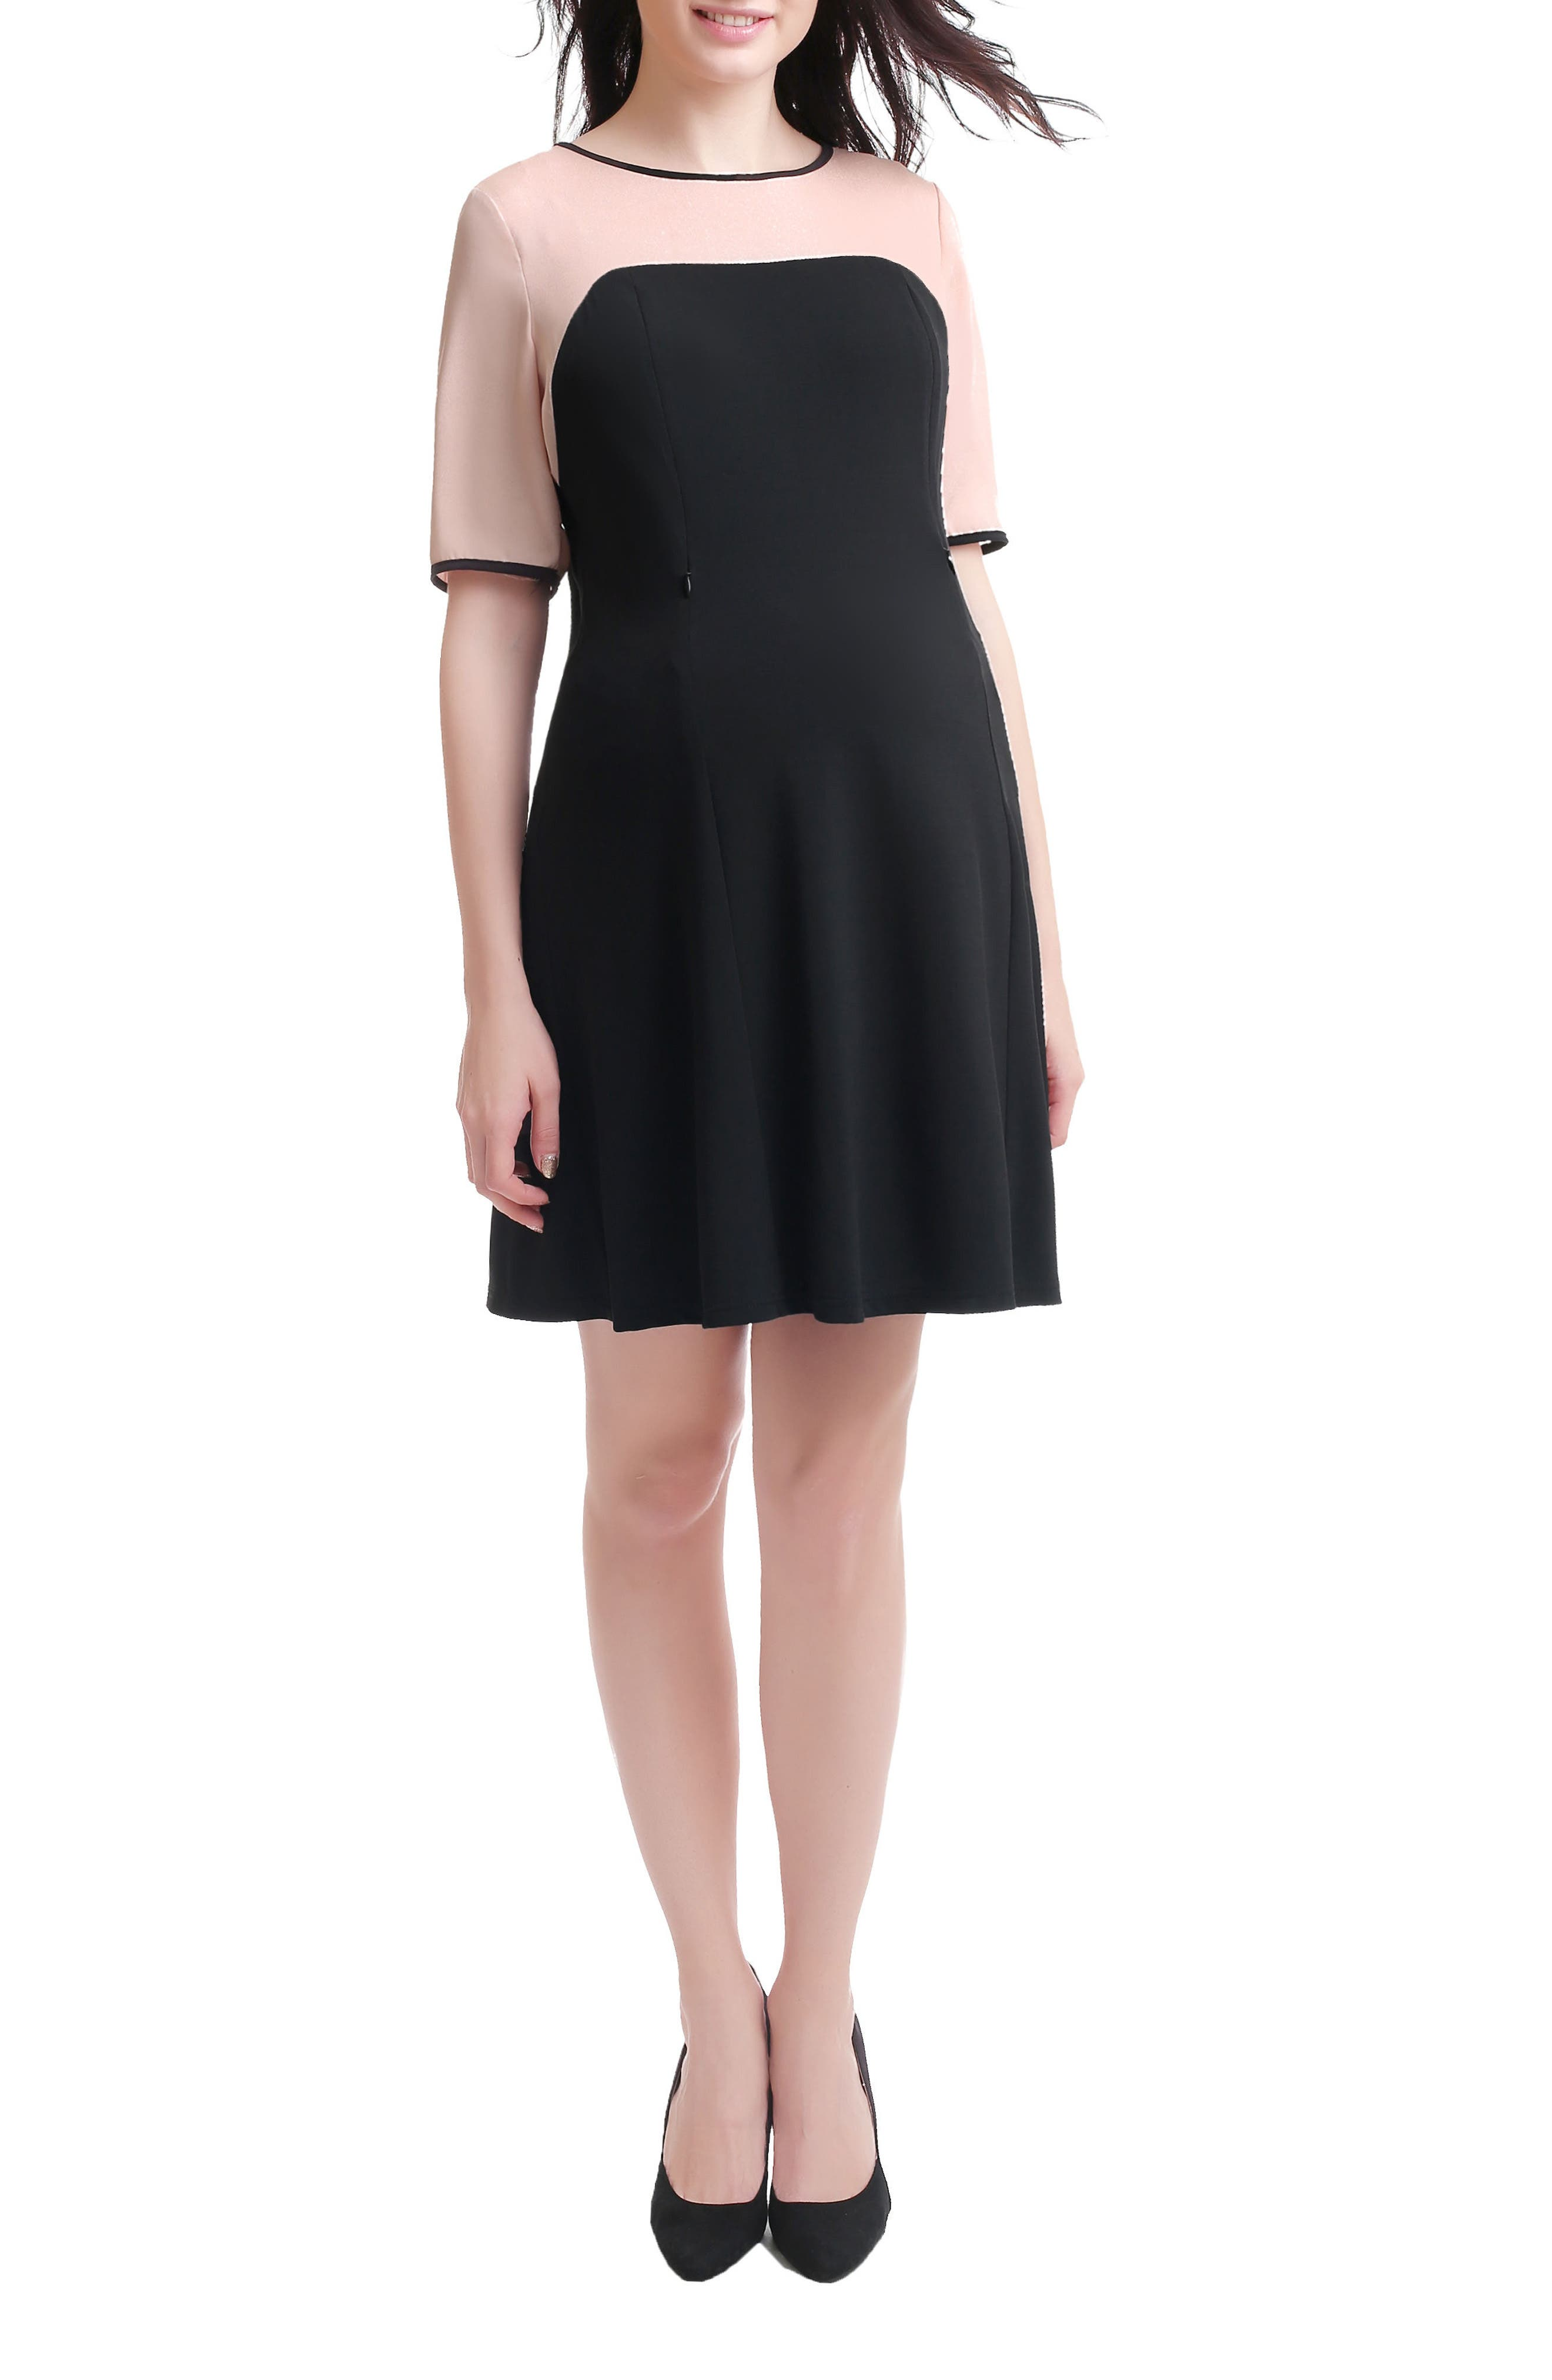 Kimi & Kai Maggie Maternity/Nursing Shift Dress,                             Main thumbnail 1, color,                             BLACK/ BLUSH